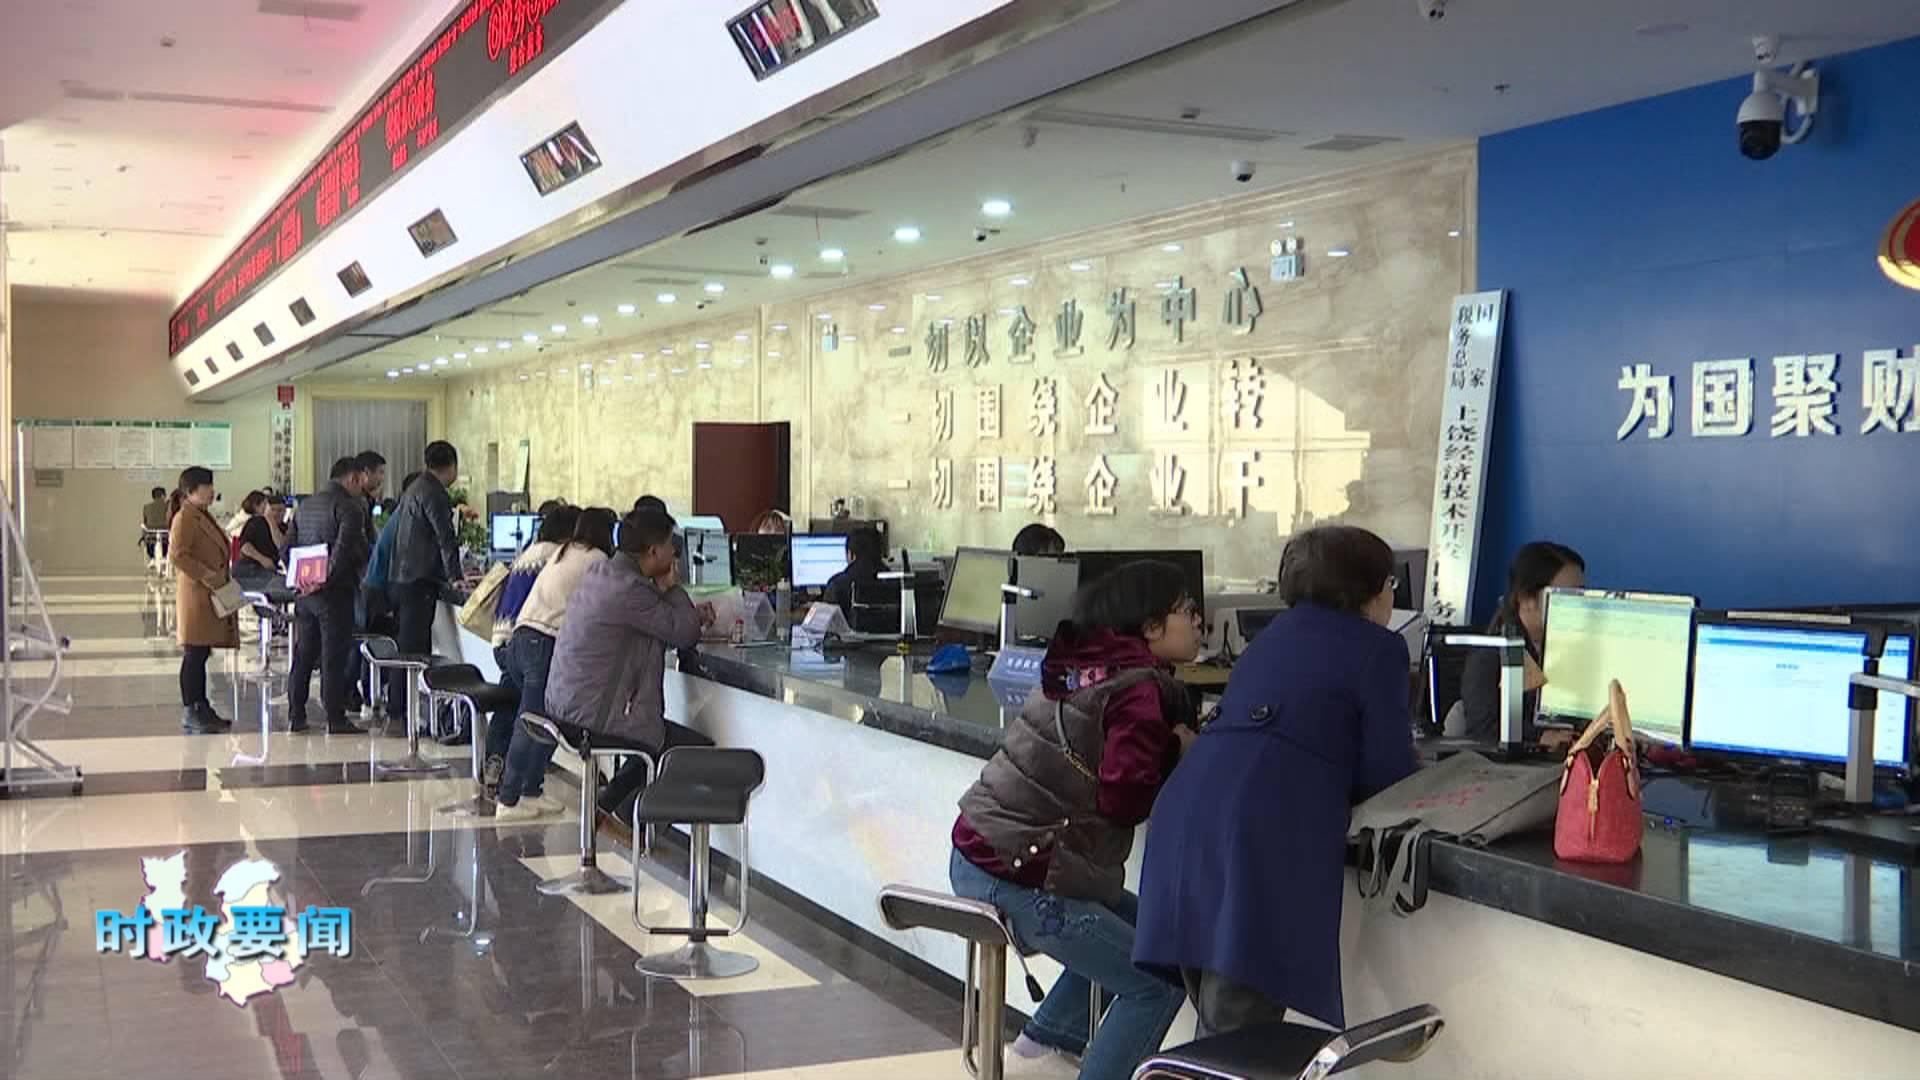 上饶经开区:优服务促发展 产业集群再升级